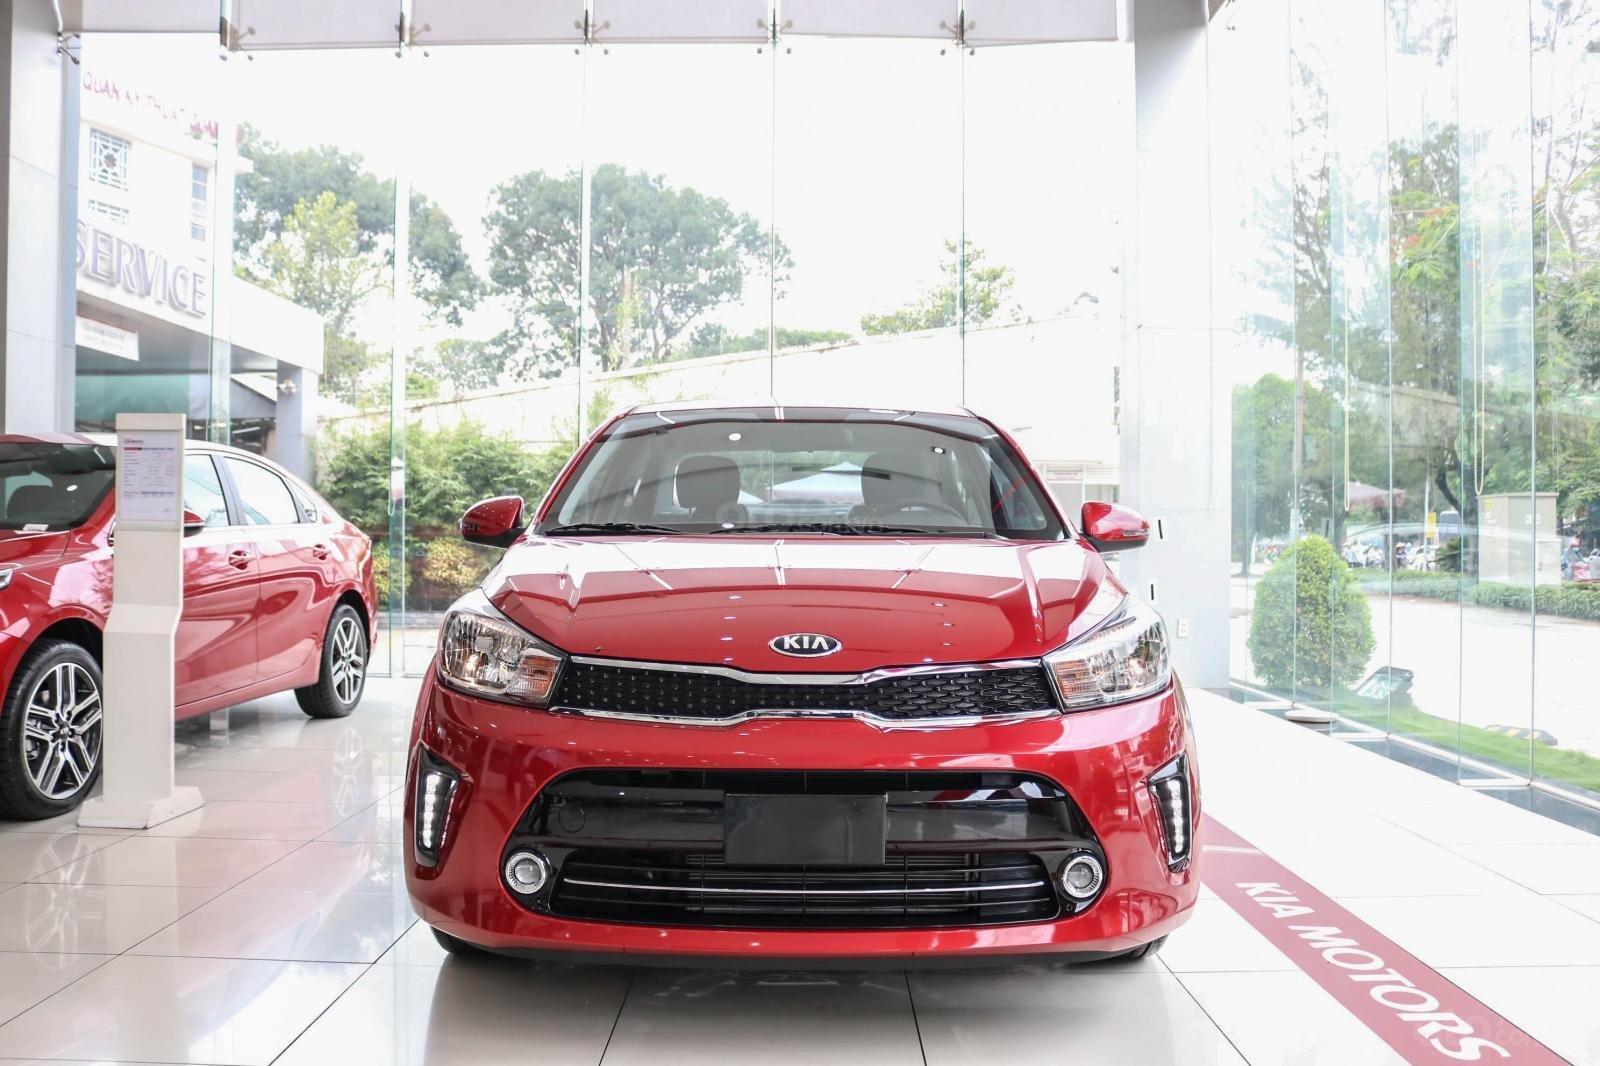 New Kia Soluto 2019 giảm giá 10 triệu tiền mặt, có hỗ trợ vay ngân hàng đến 80%, hotline: 0522986497 (1)